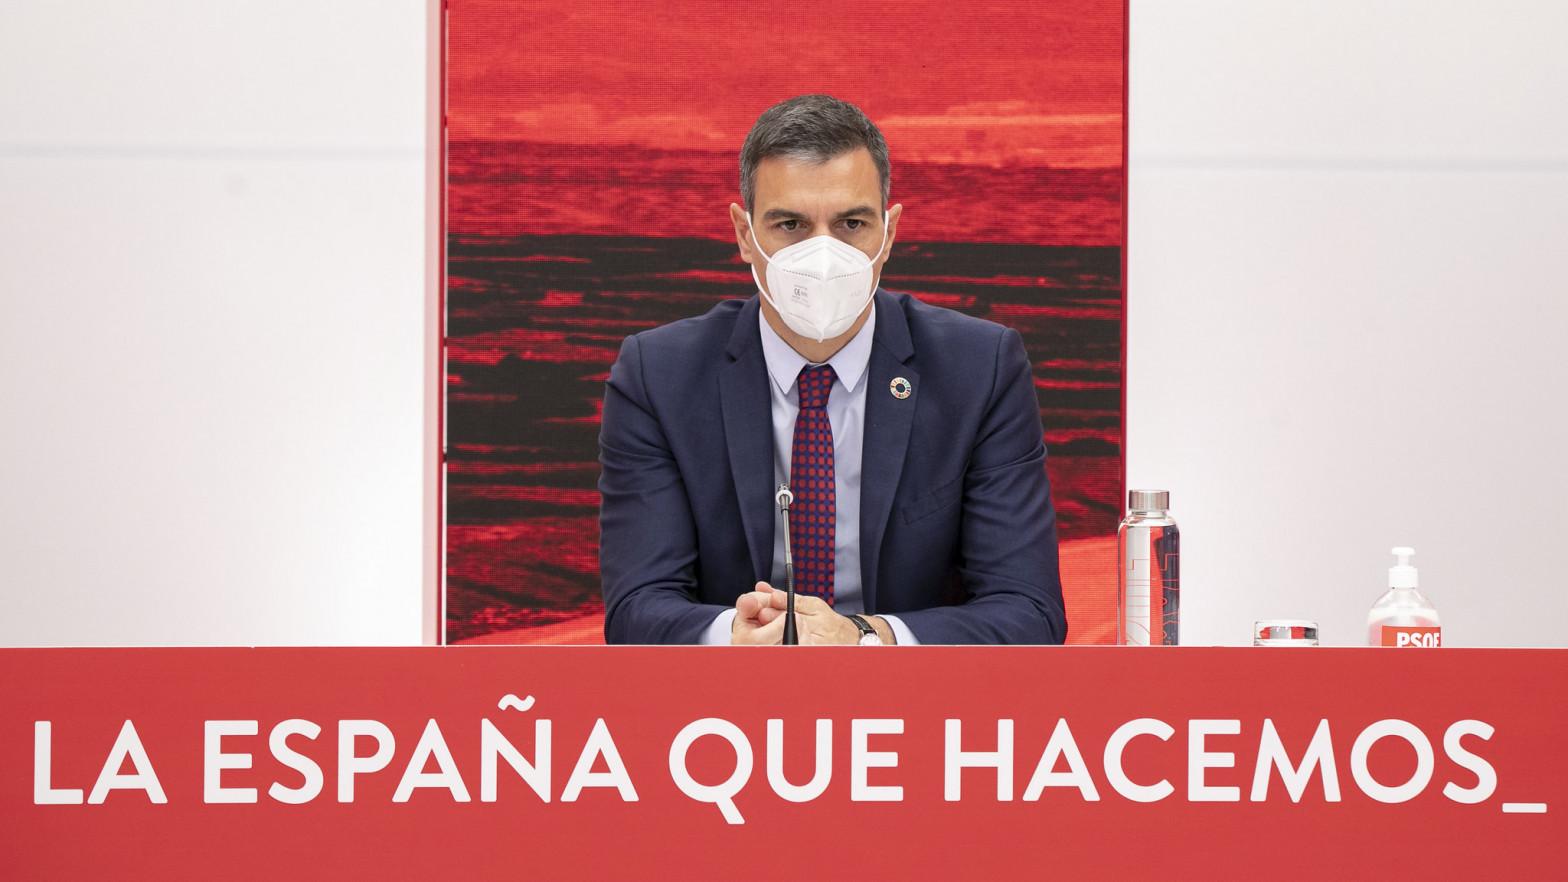 """Los barones del PSOE guardan silencio a la espera de """"gestos reales"""" del separatismo"""